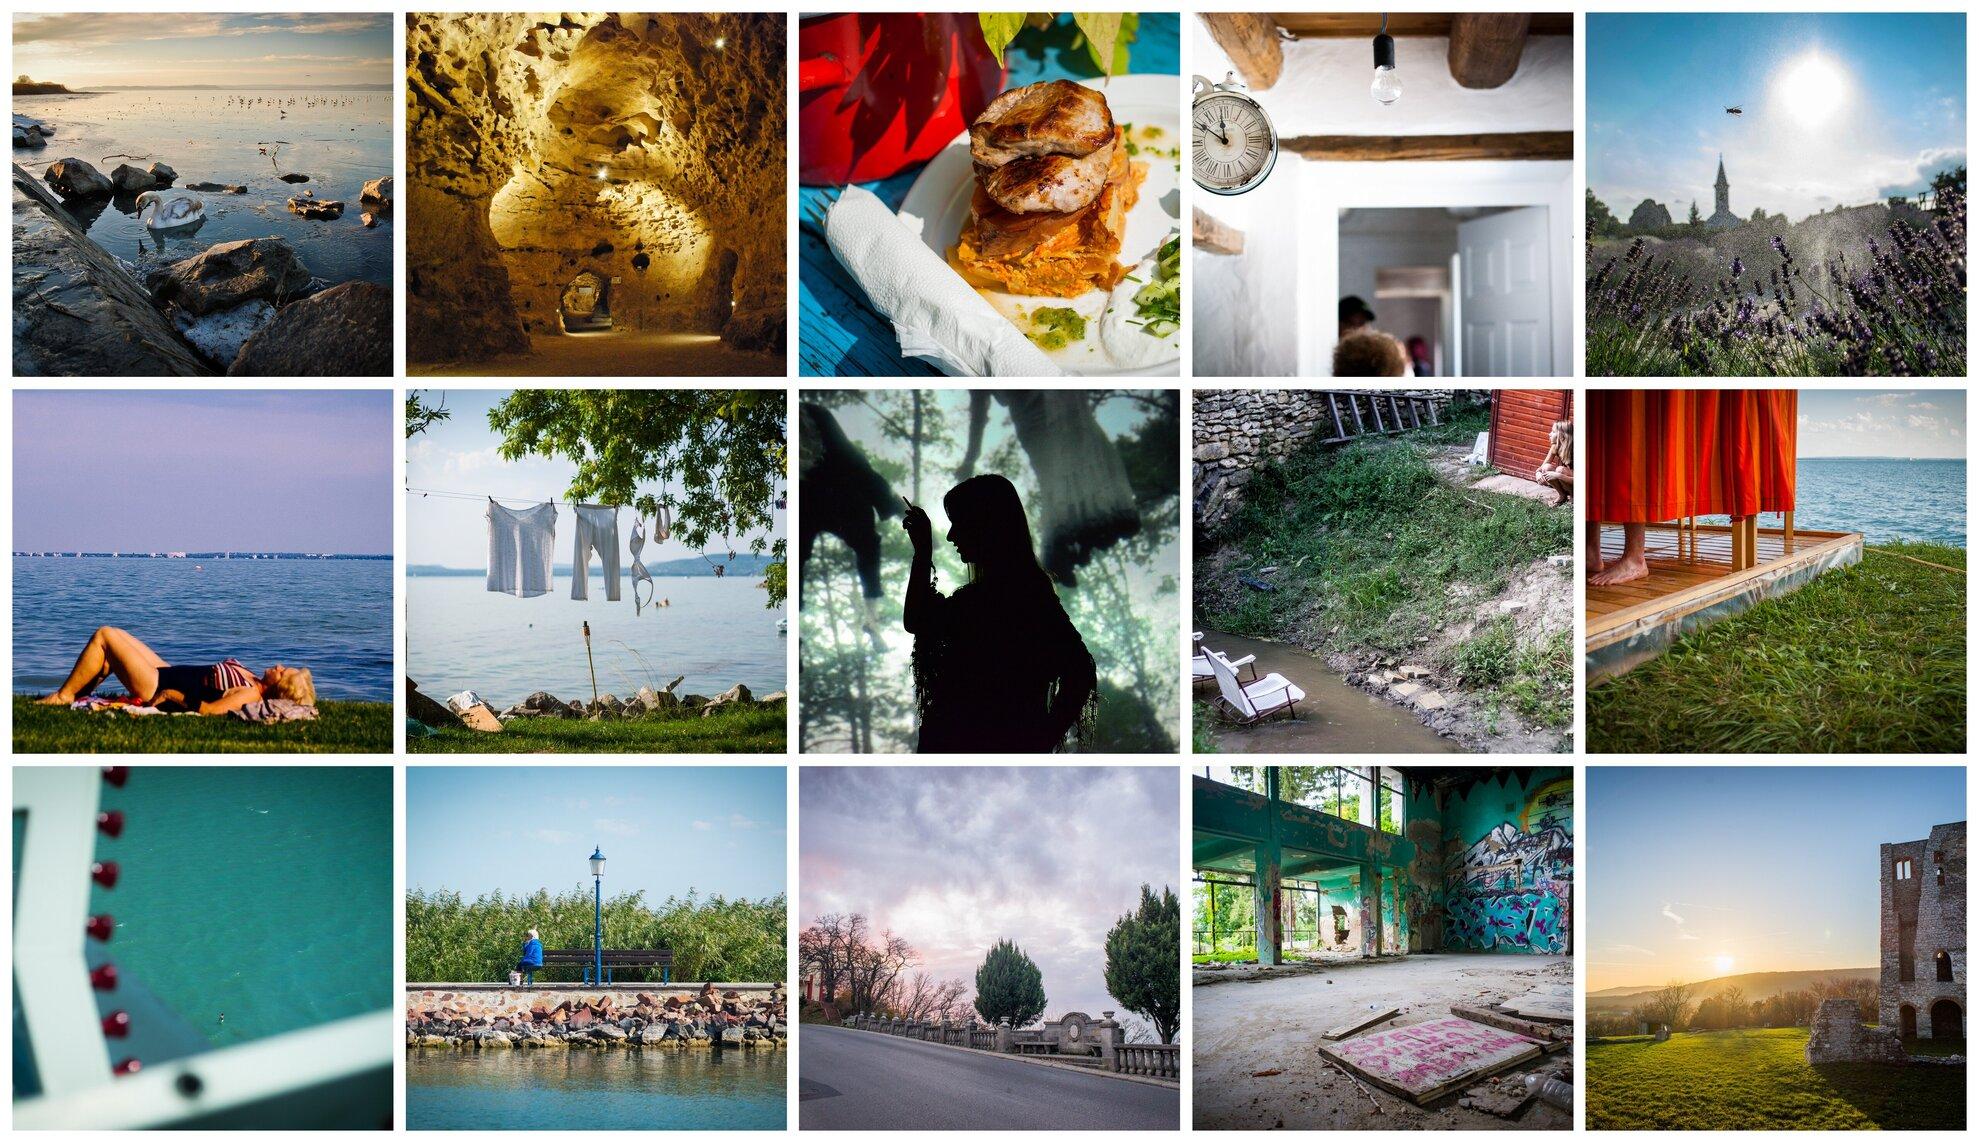 A Balatonnál nem lehet rosszul fotózni - kedvenc képeink 2015-ből